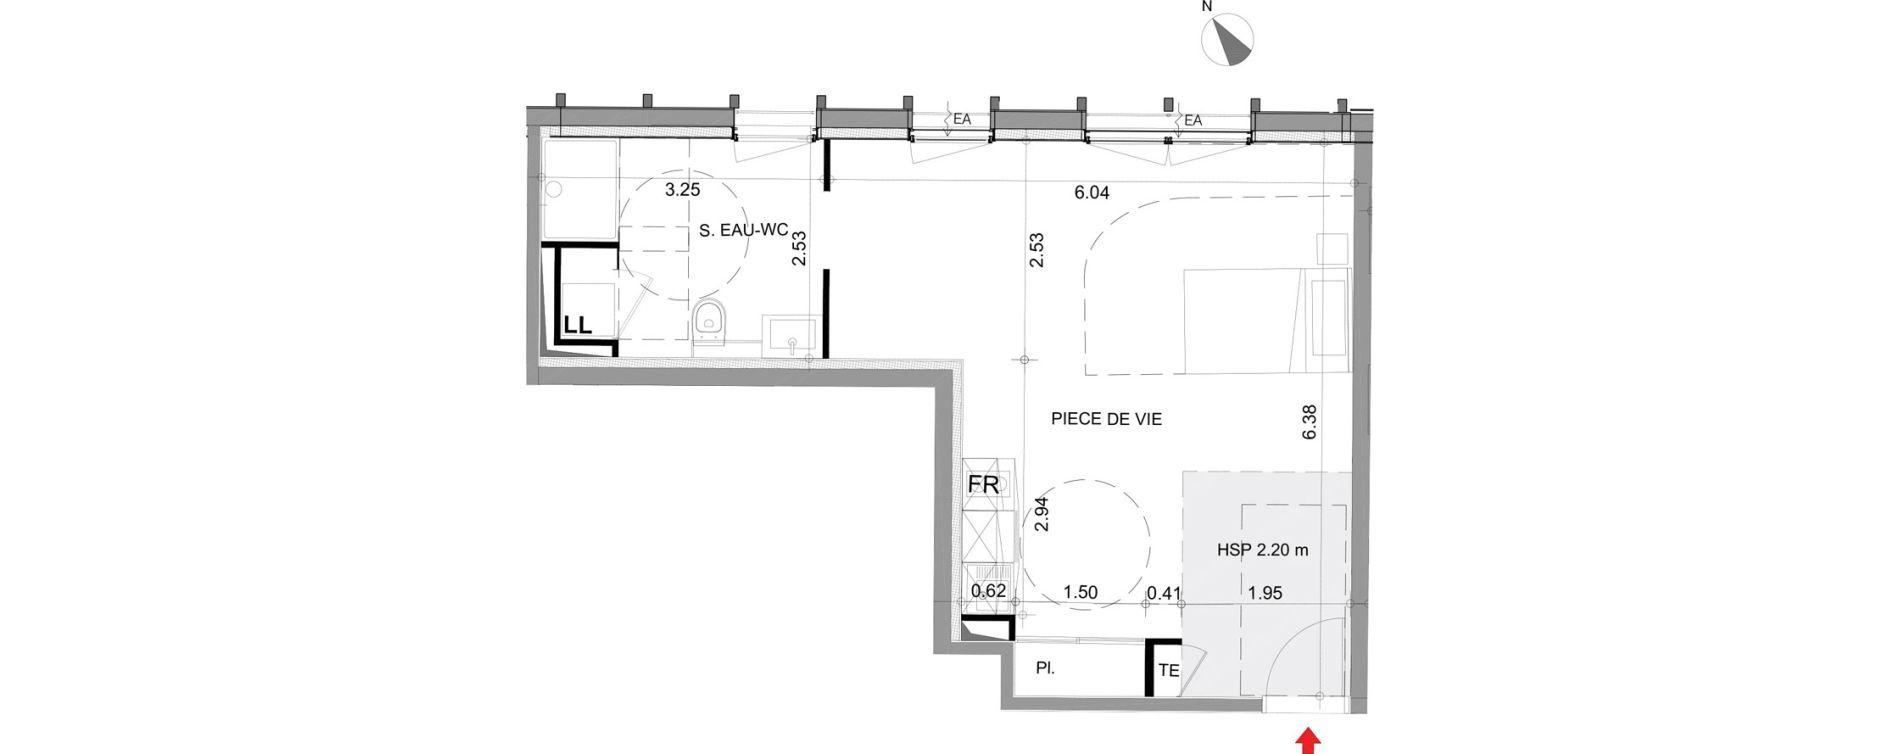 Appartement T2 meublé de 45,27 m2 à Angers Angers centre